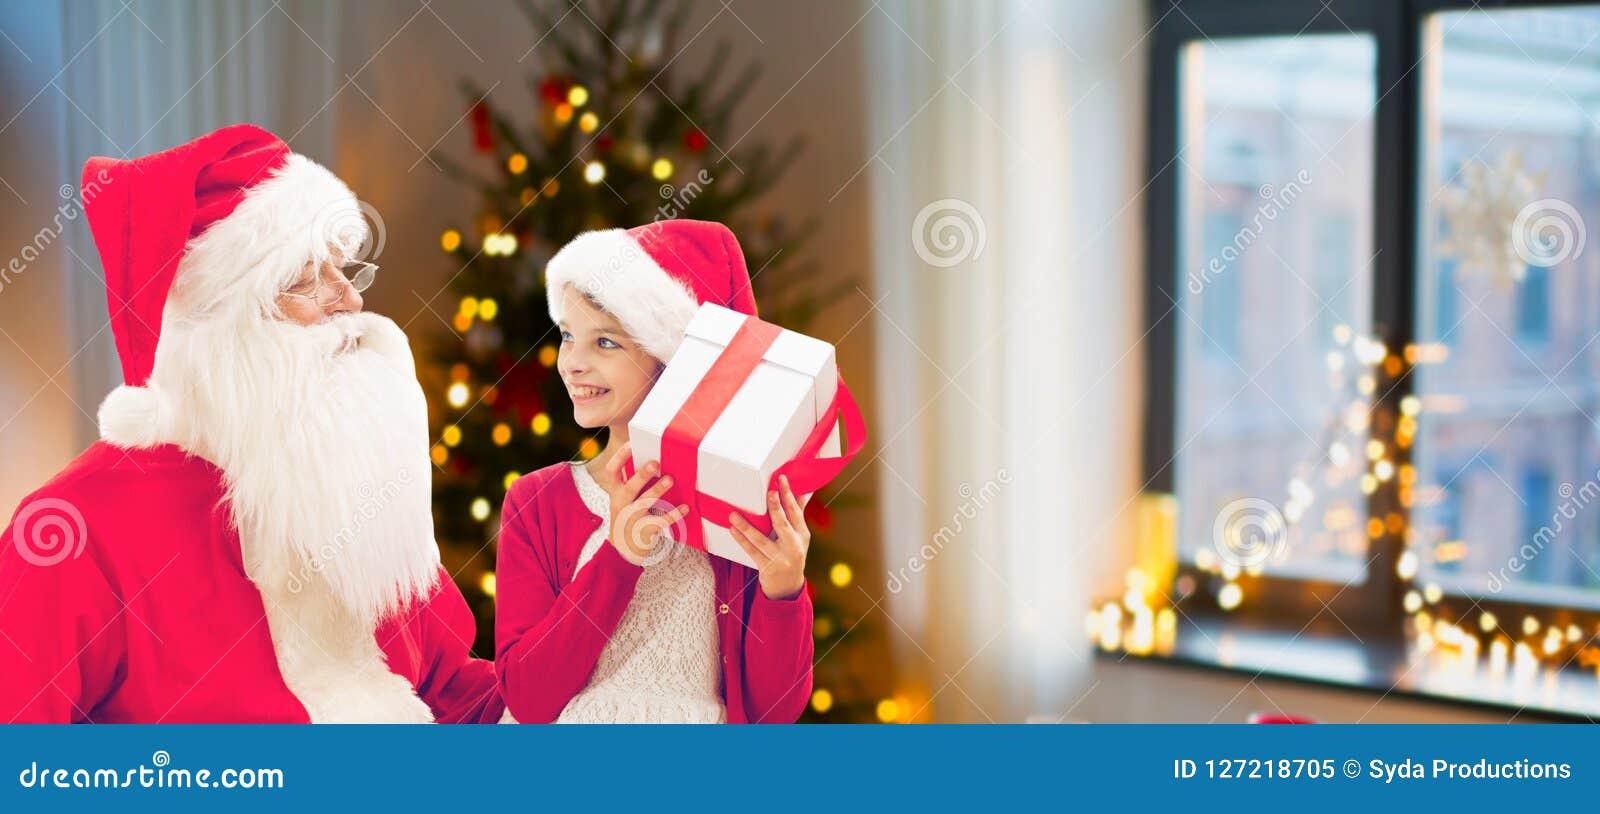 Regali Di Natale Ragazza.Ragazza E Santa Con I Regali Di Natale A Casa Immagine Stock